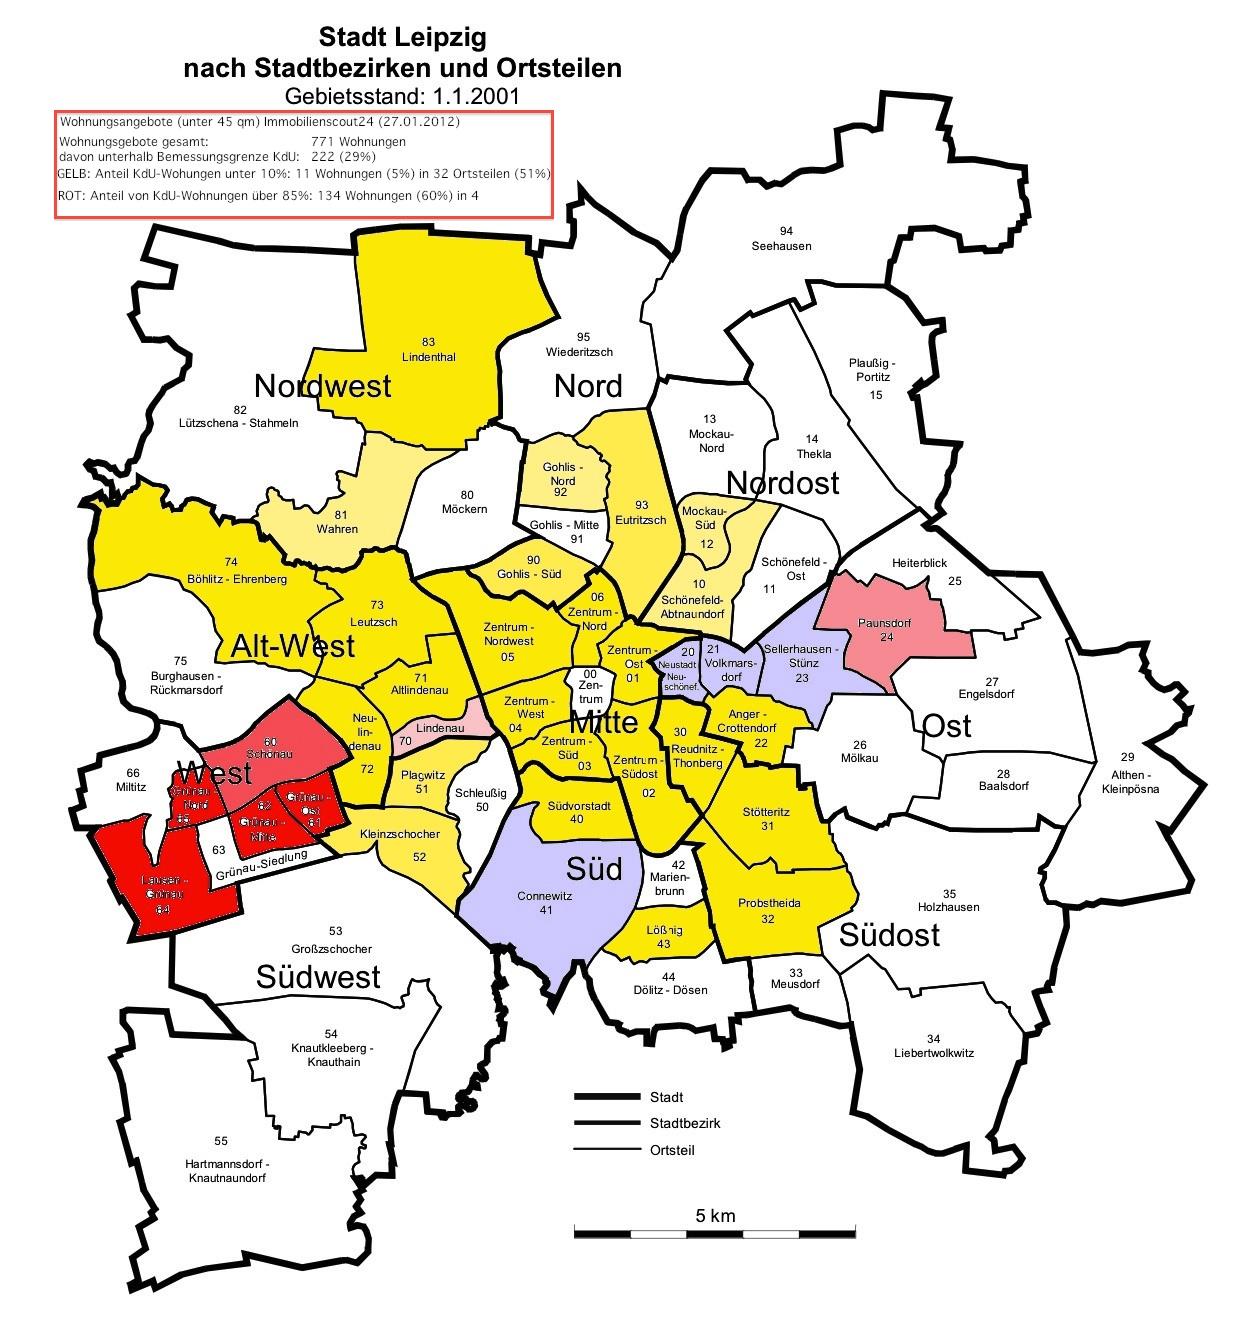 Leipzig Karte Mit Stadtteilen.Leipzig Die Gentrifcation Debatte Erreicht Connewitz